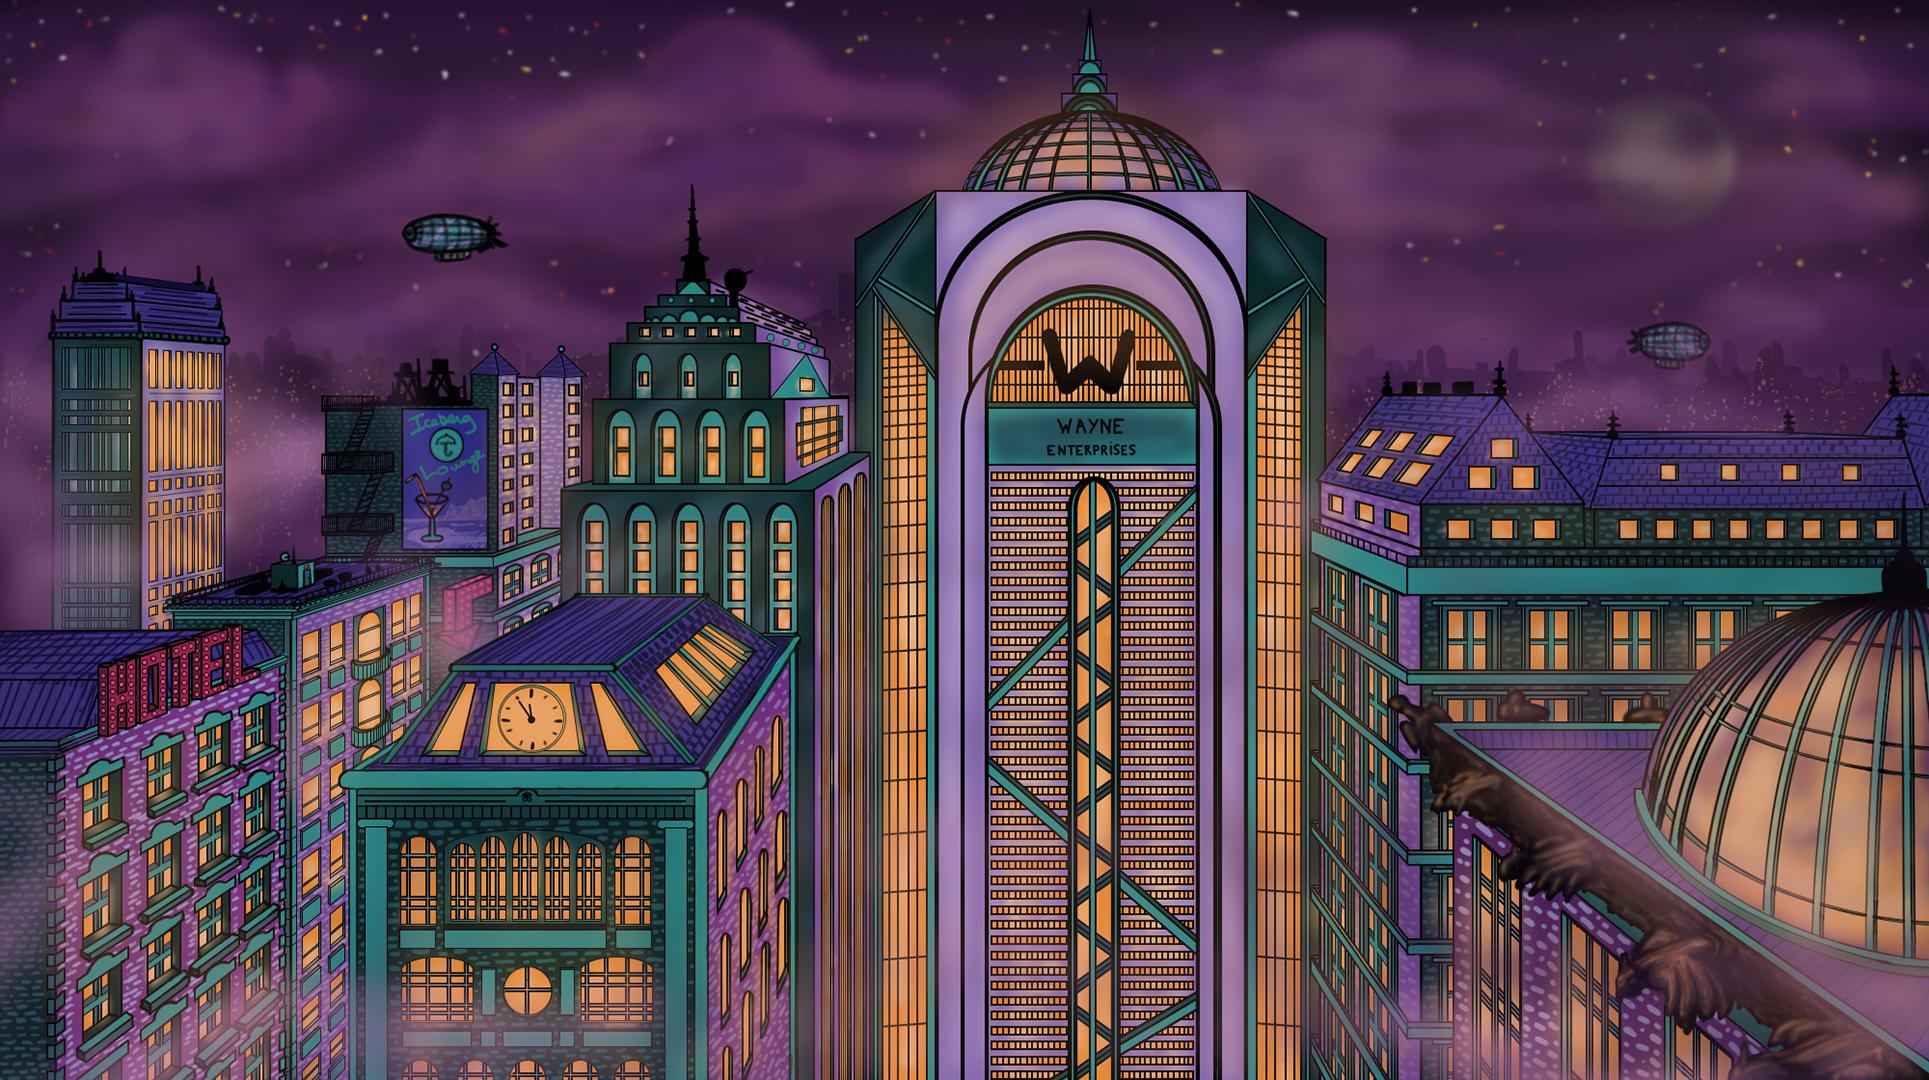 Gotham city, travail collaboratif avec Quentin Chappe - The Flux Studio